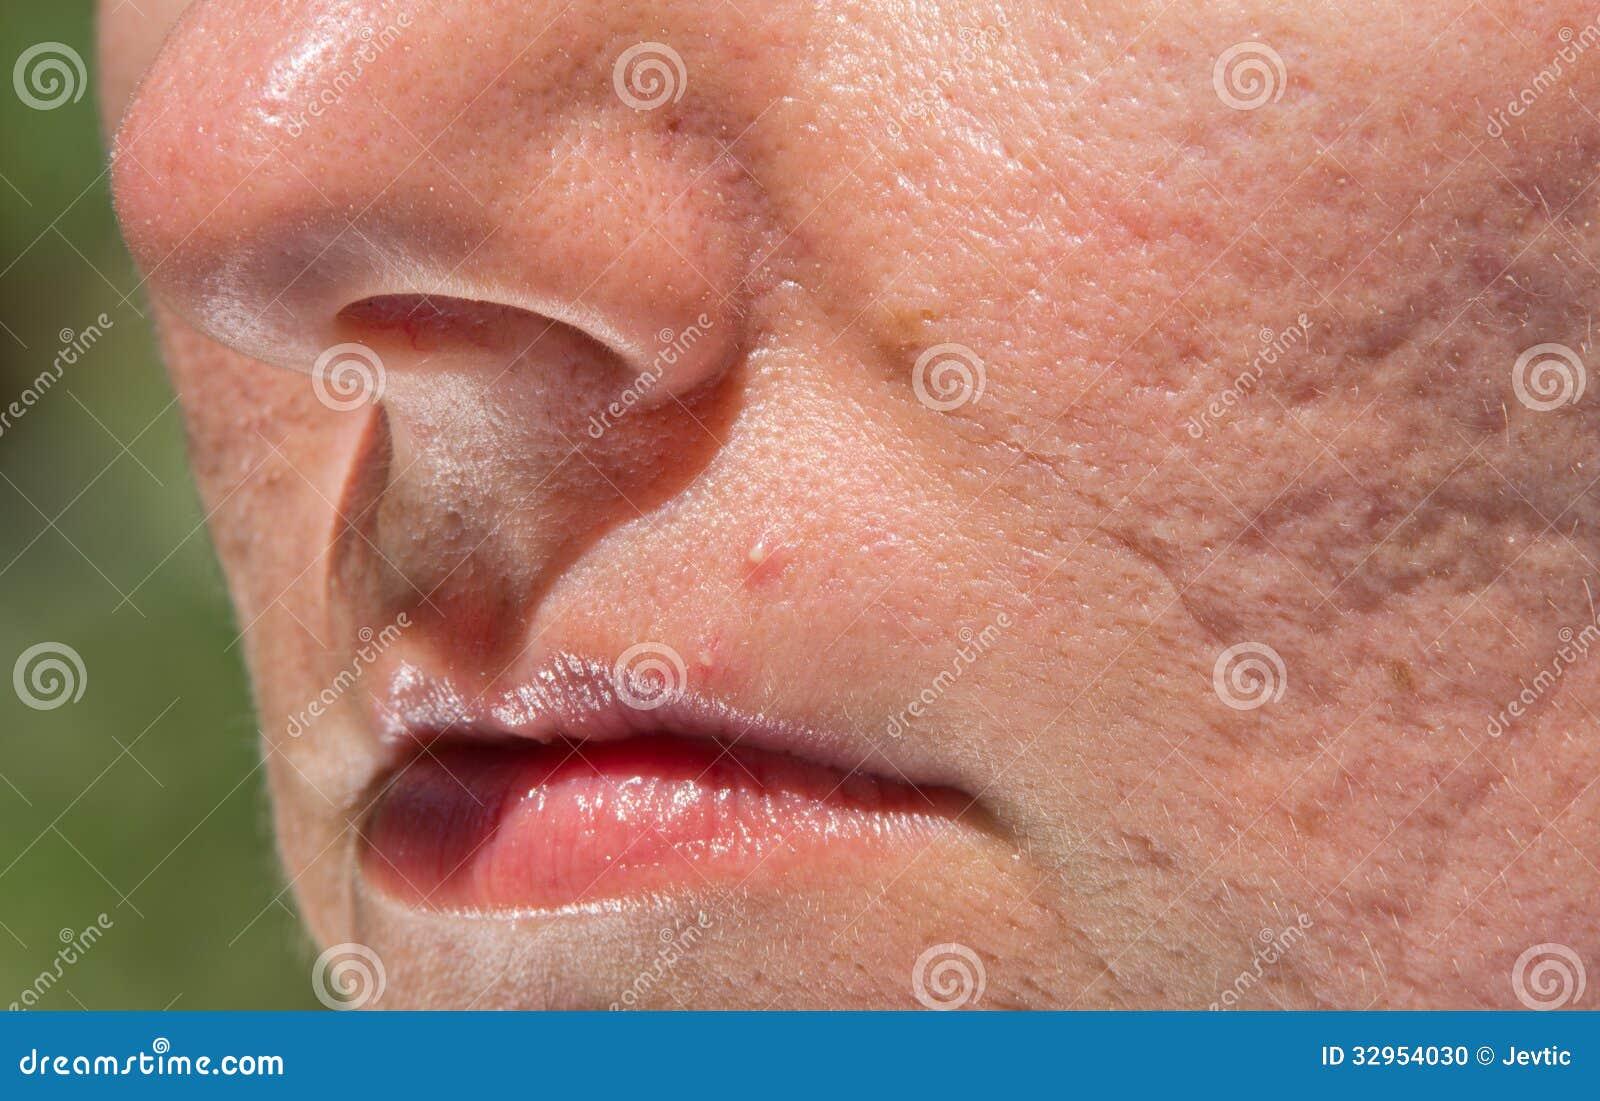 σπυρακια στο προσωπο